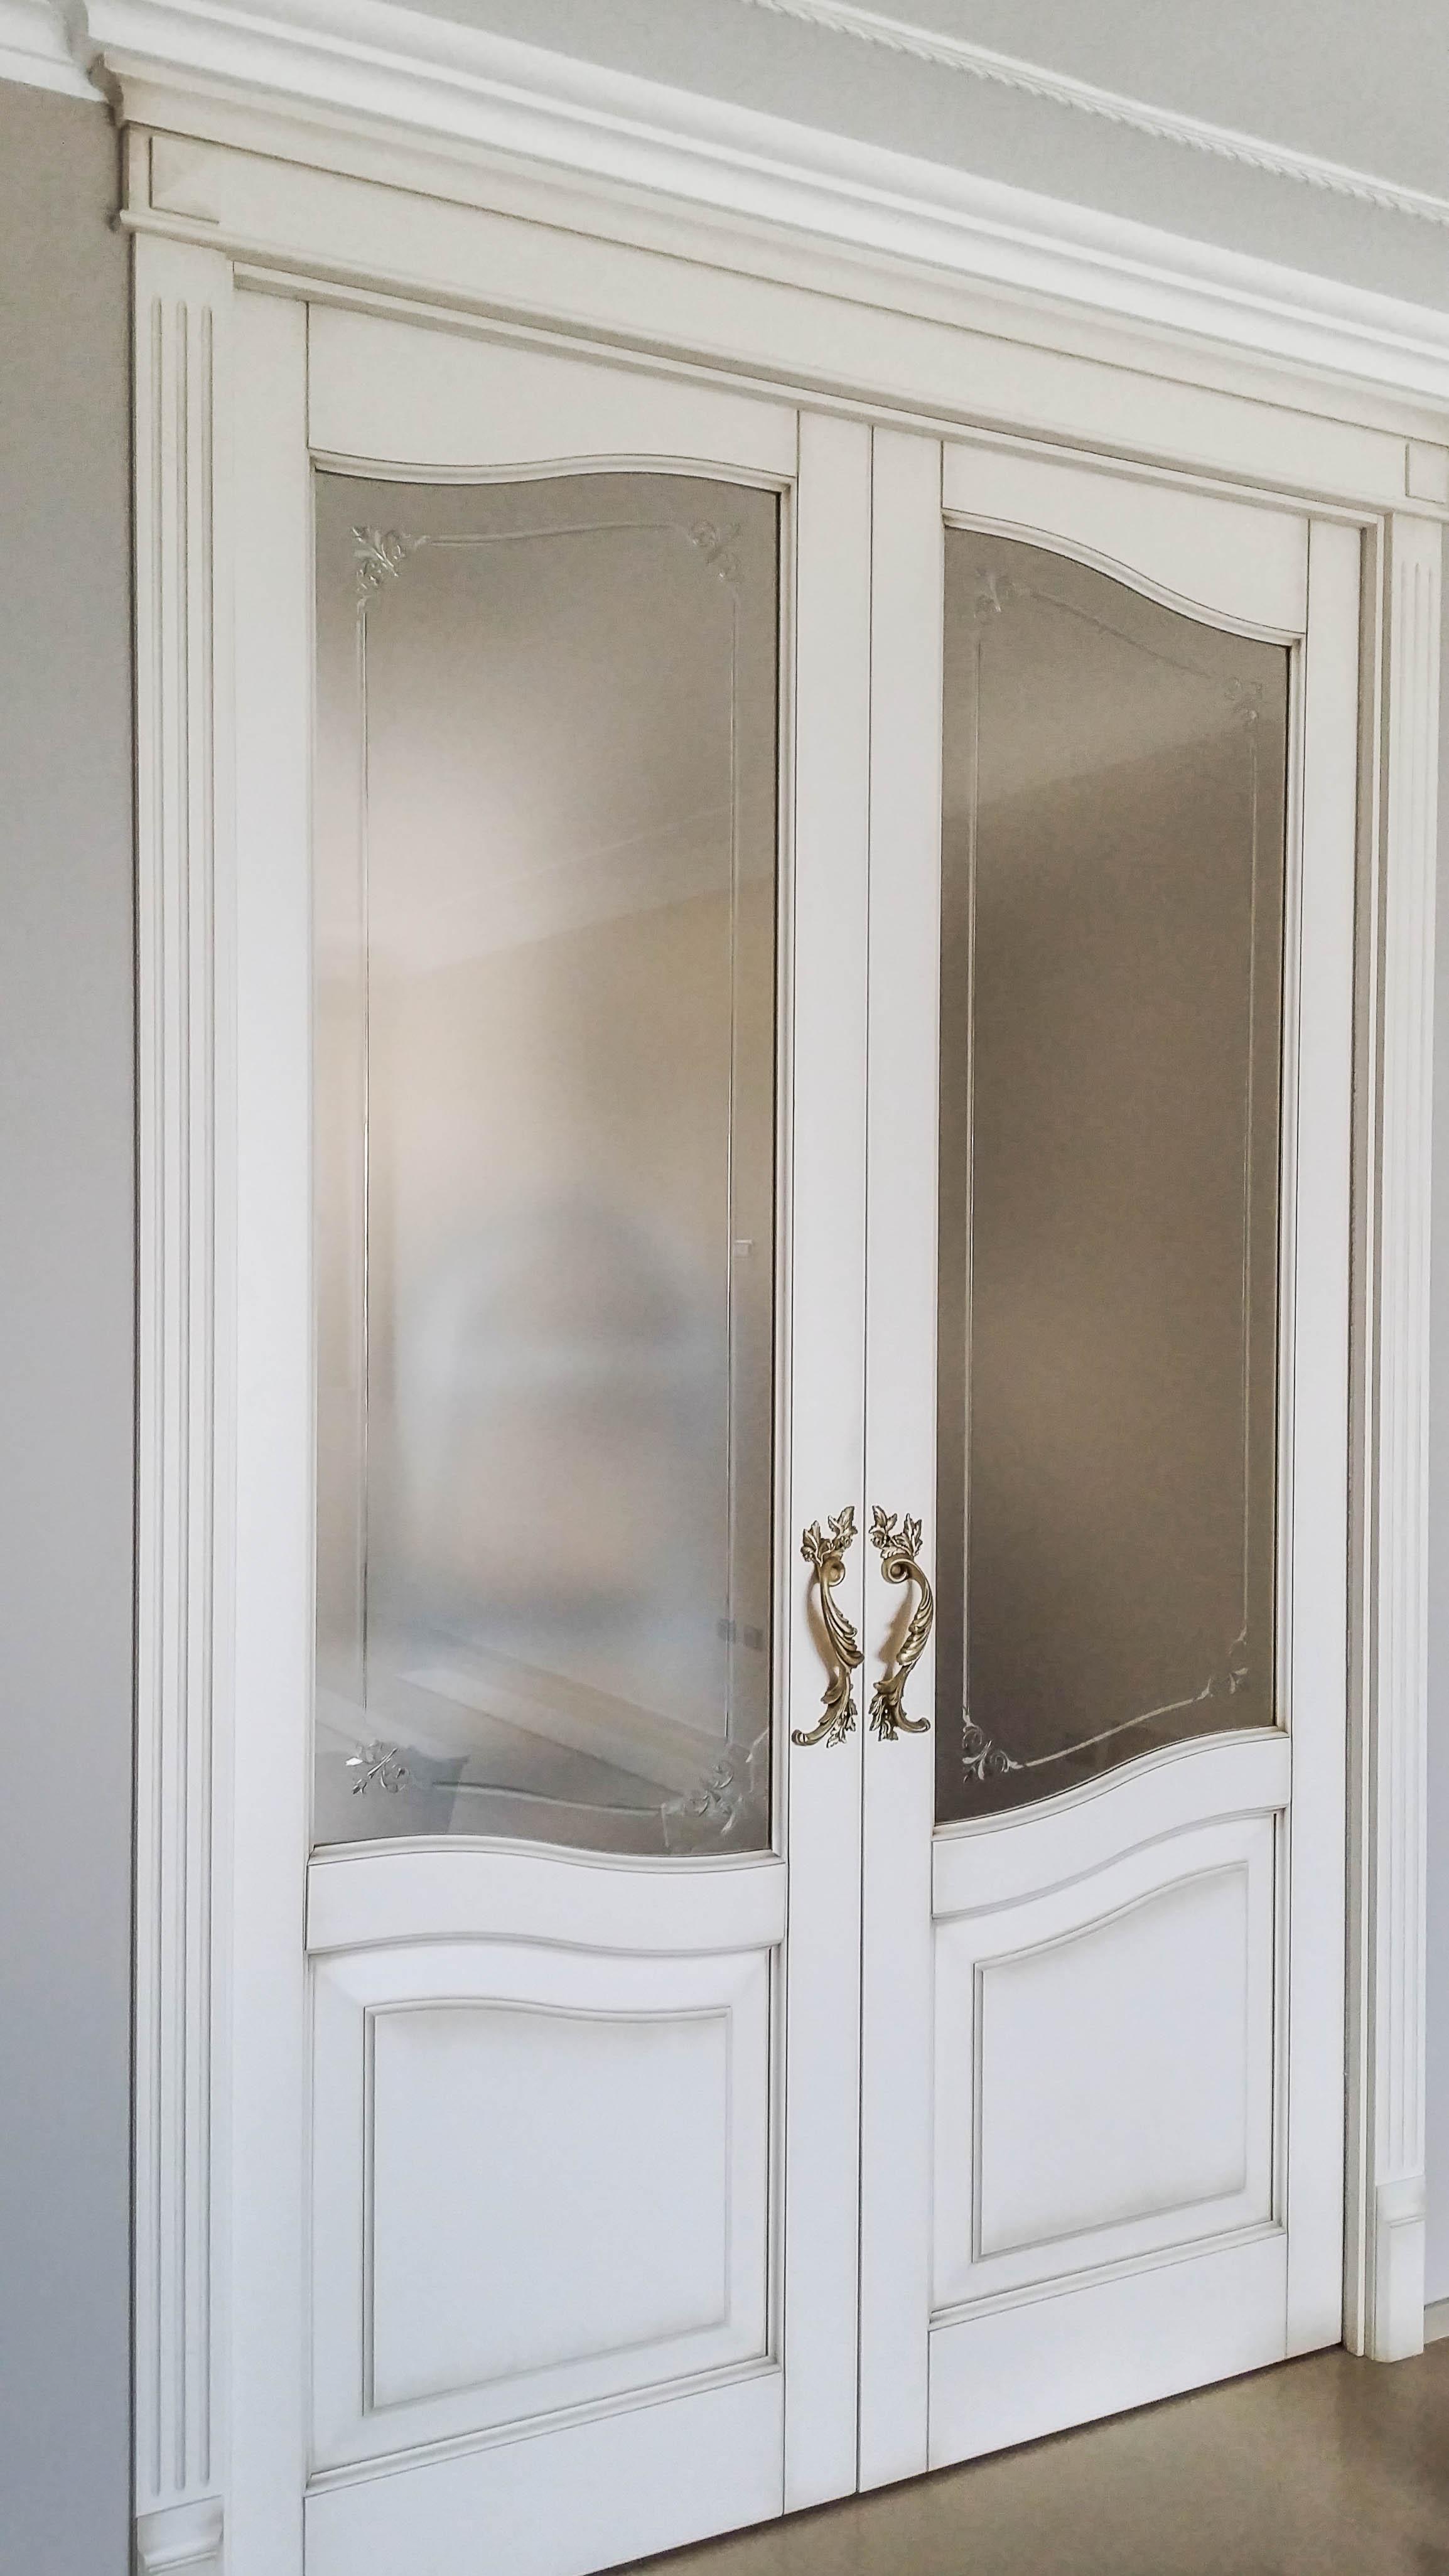 Esempi porte interne classiche modello gemma xilema - Decorazioni porte interne ...